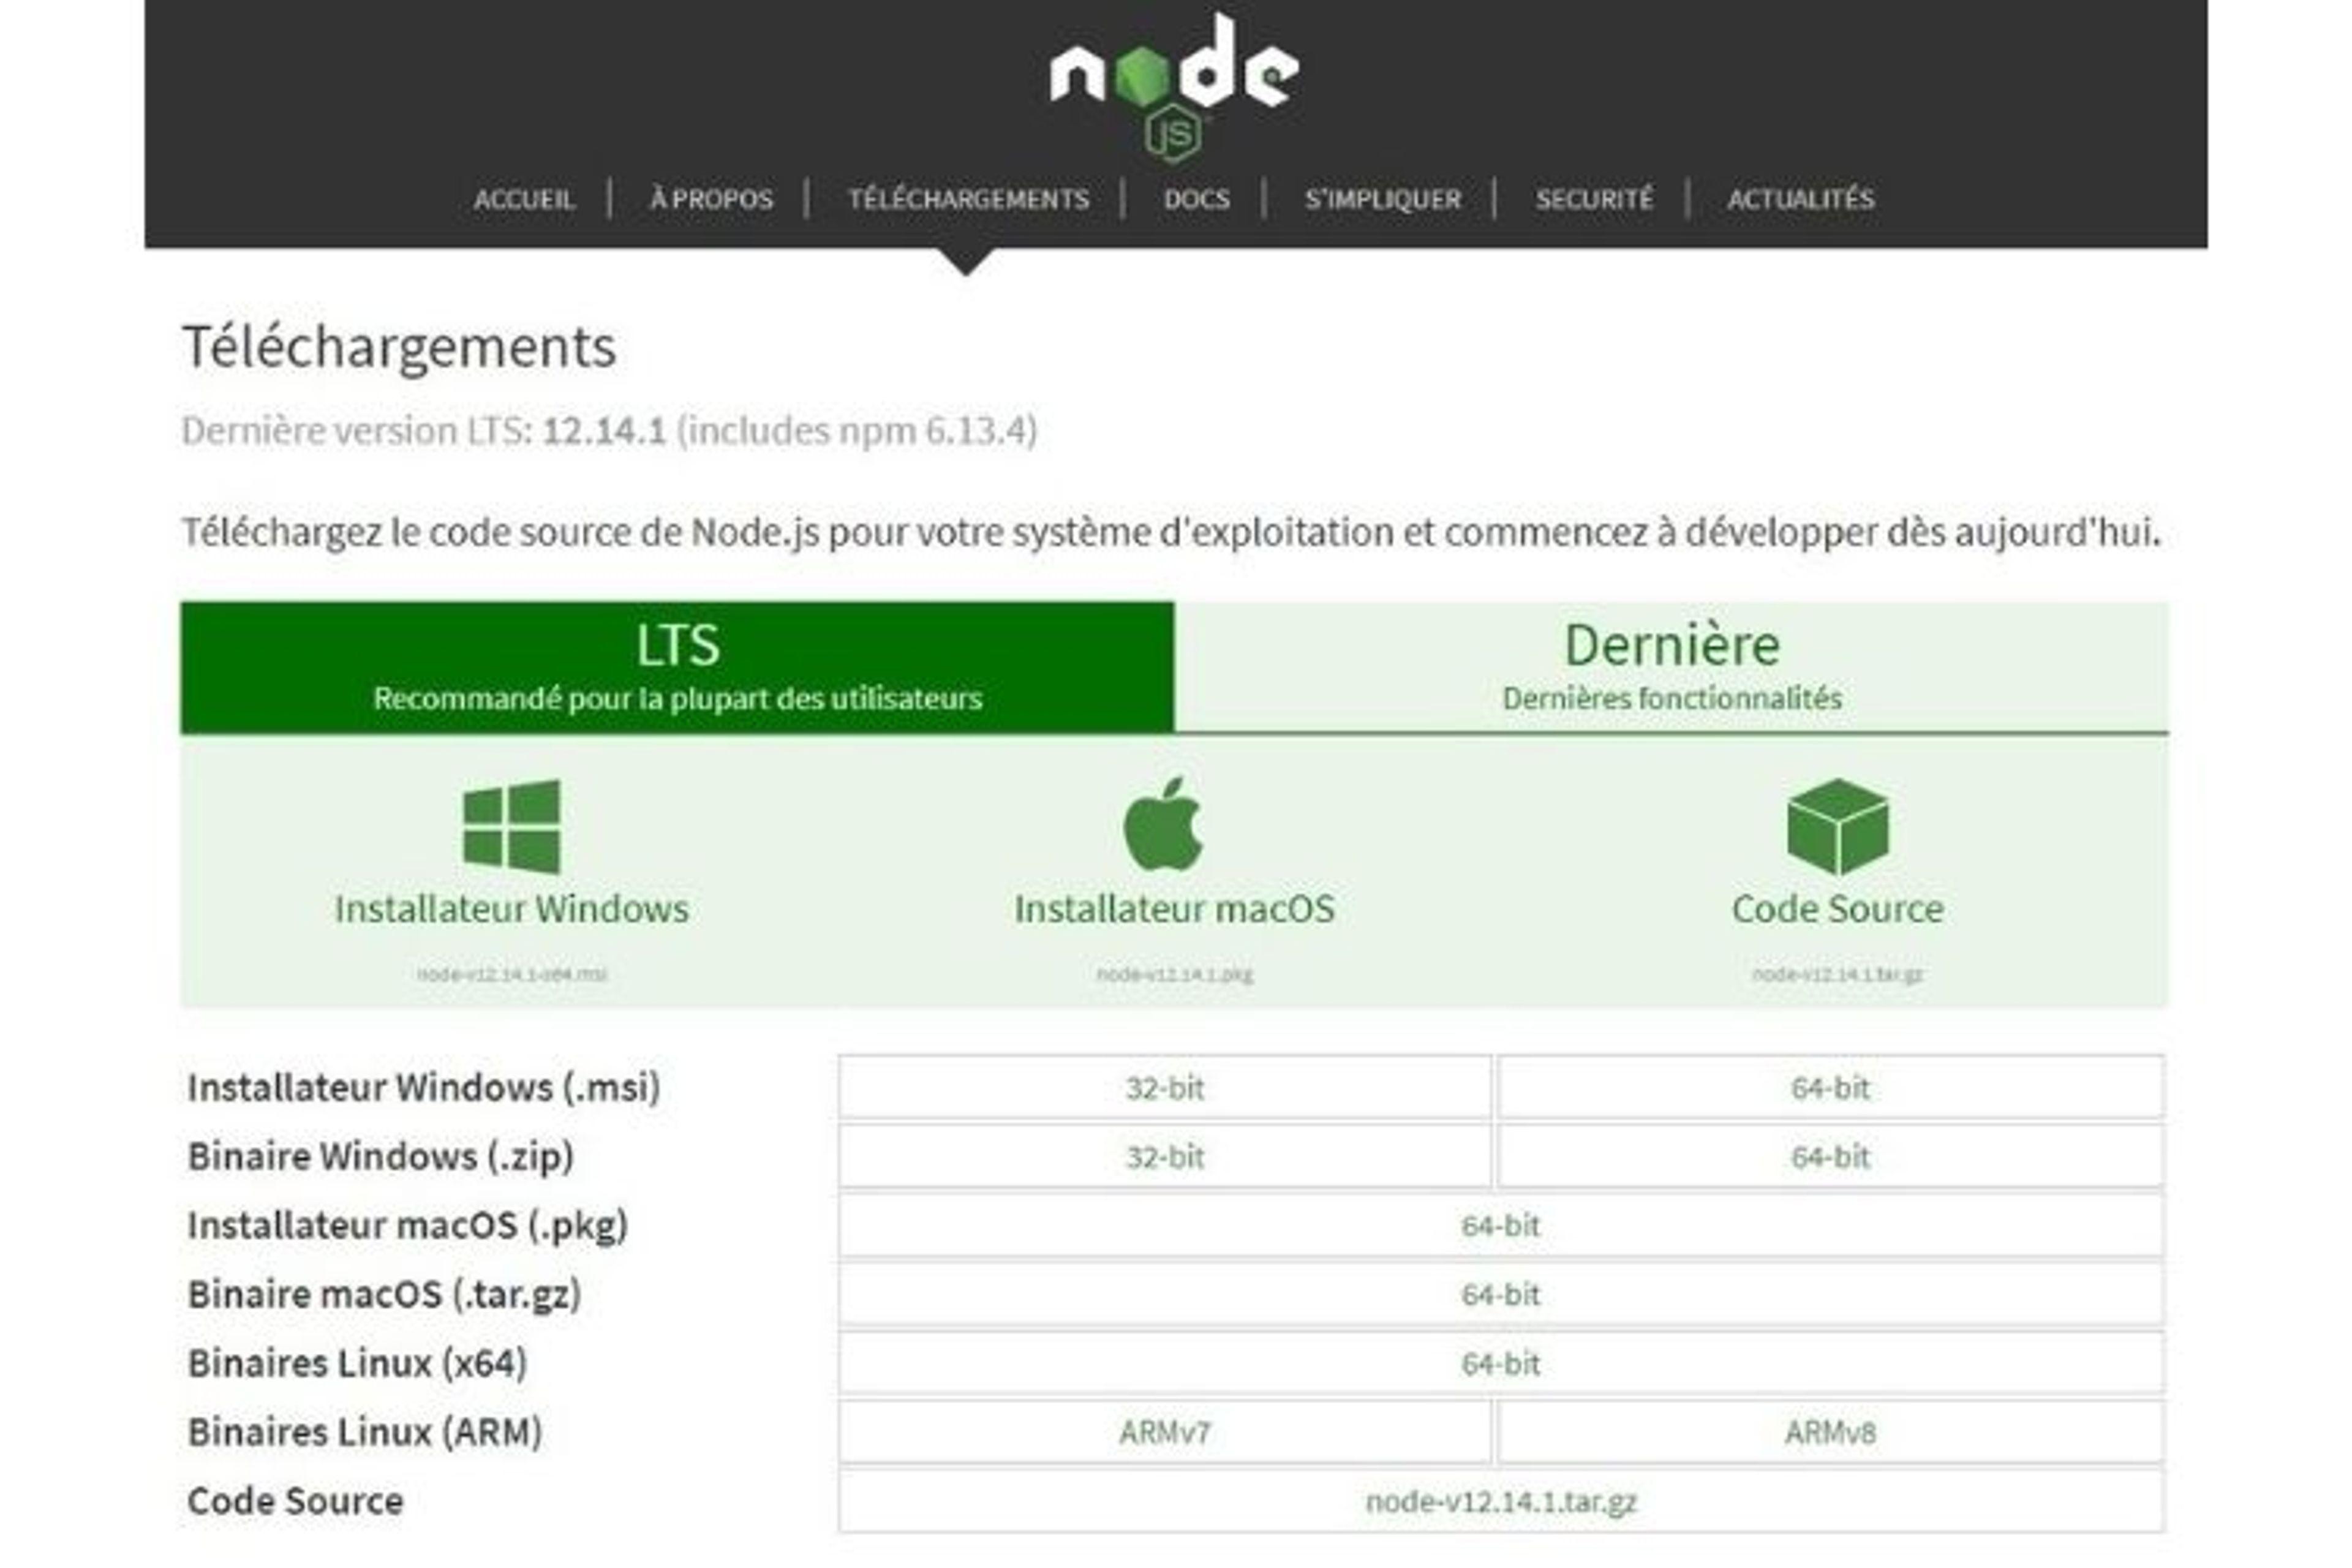 Page télécharger node js windows 10 officielle